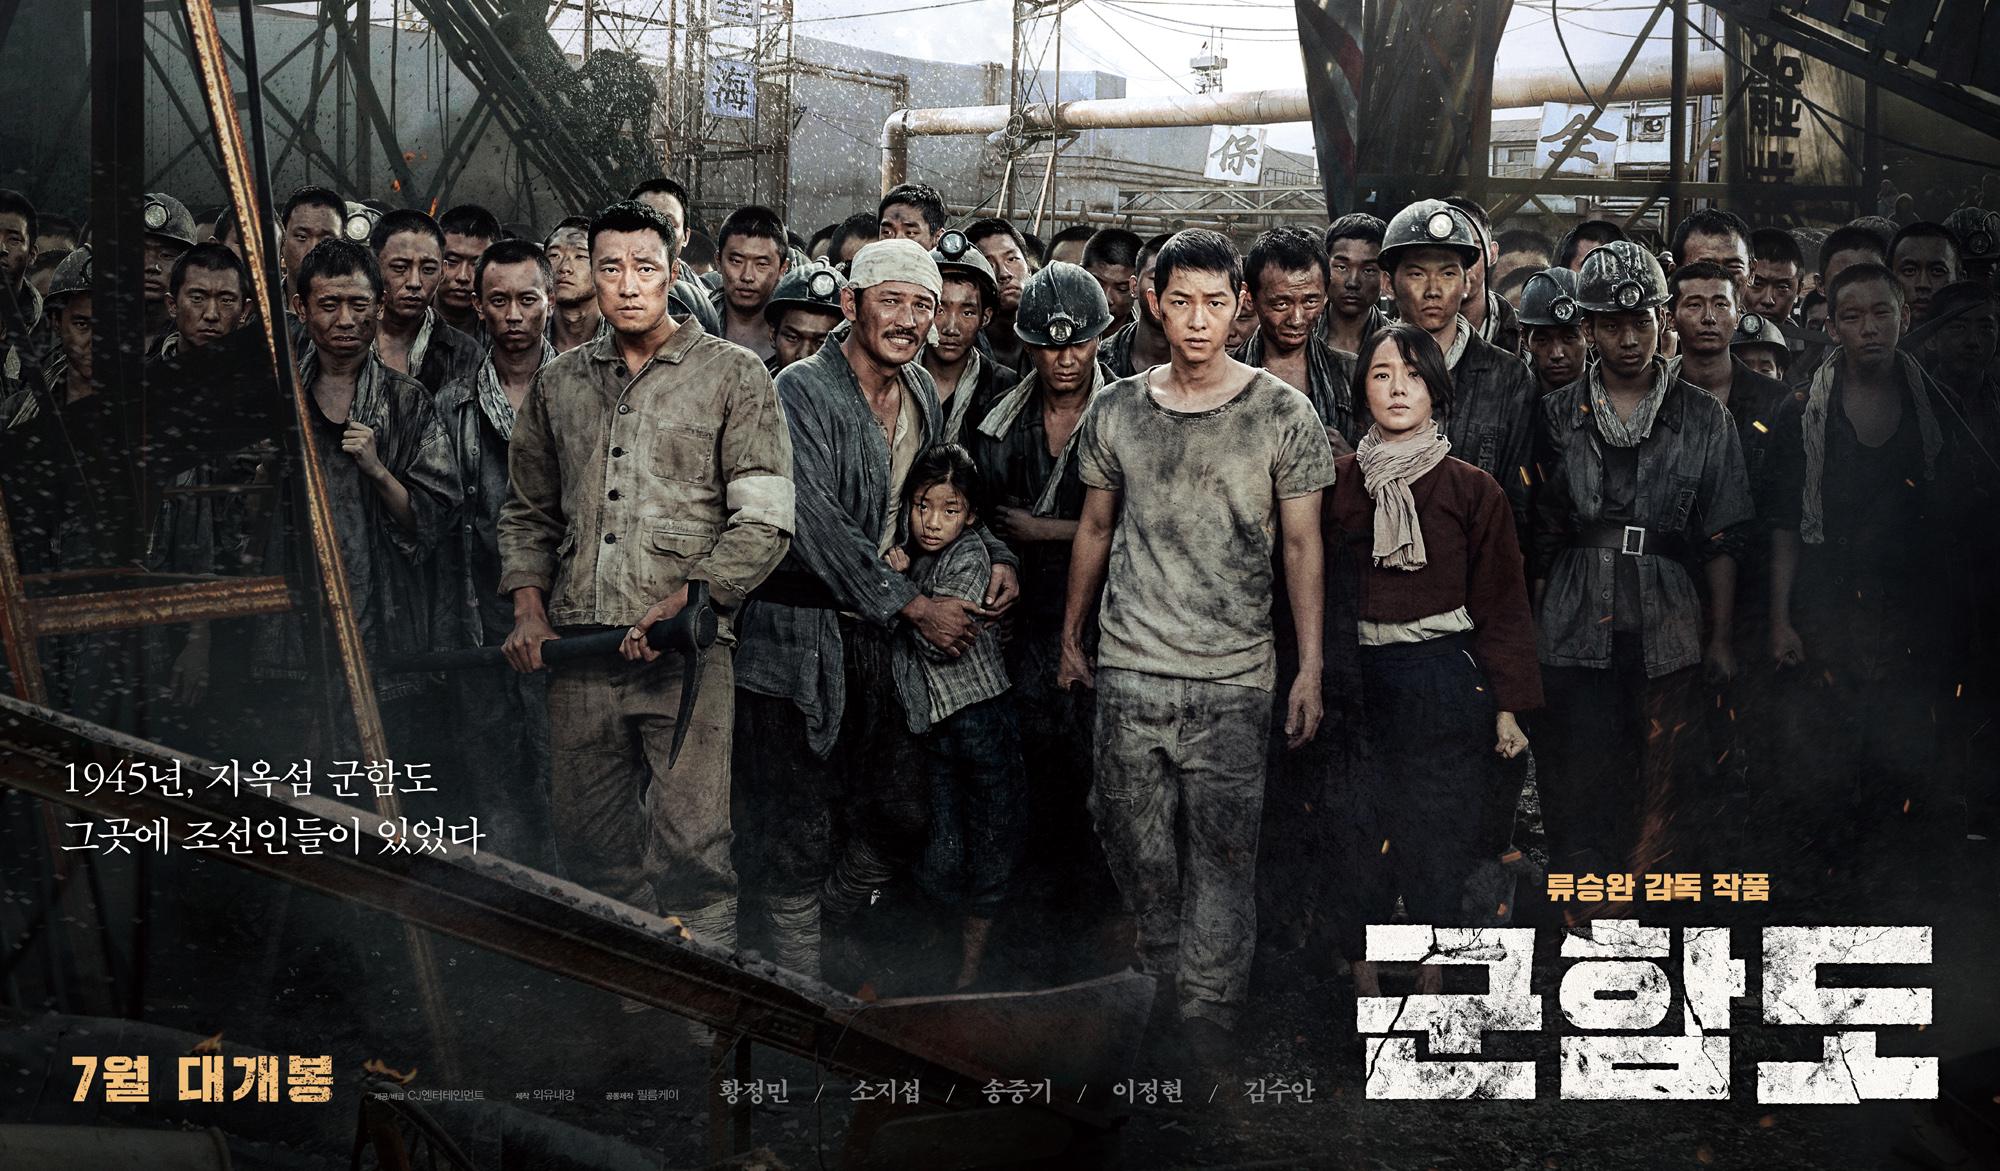 김수안 영화 군함도 메인 포스터 2017.07 (1)